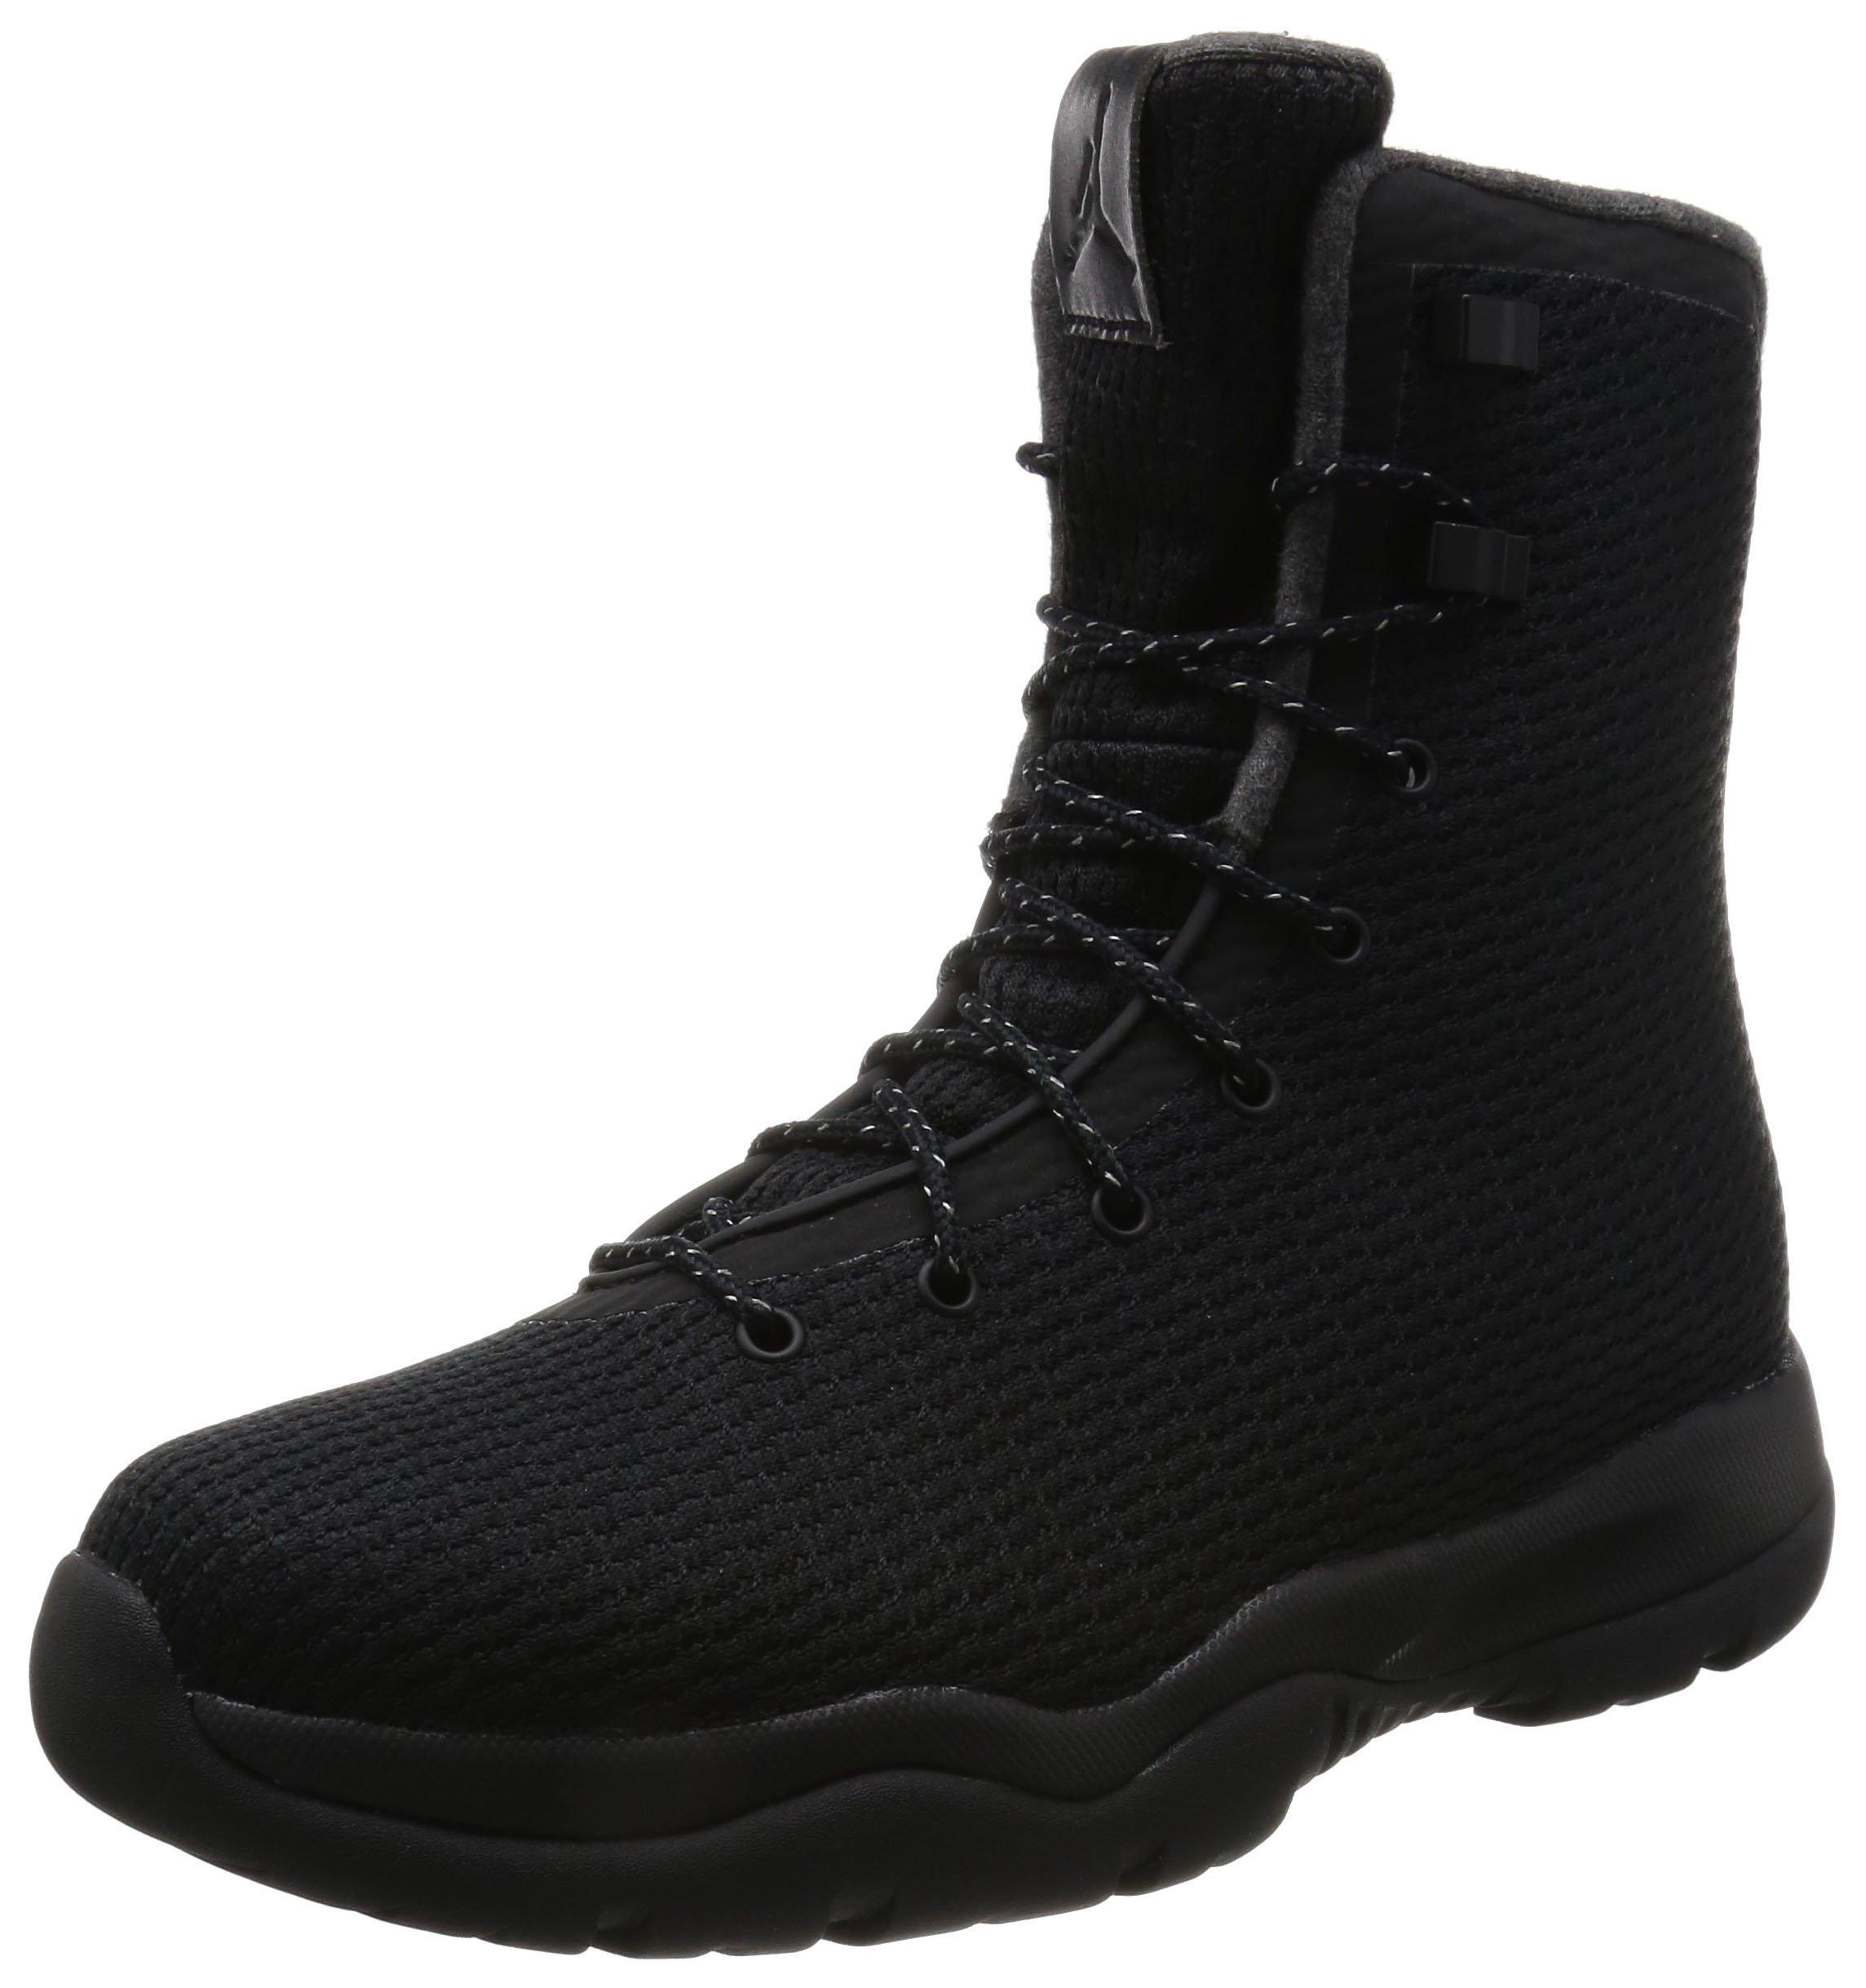 Nike Mens Jordan Future Boot (9 D(M) US, BLACK/BLACK-DARK GREY) by NIKE